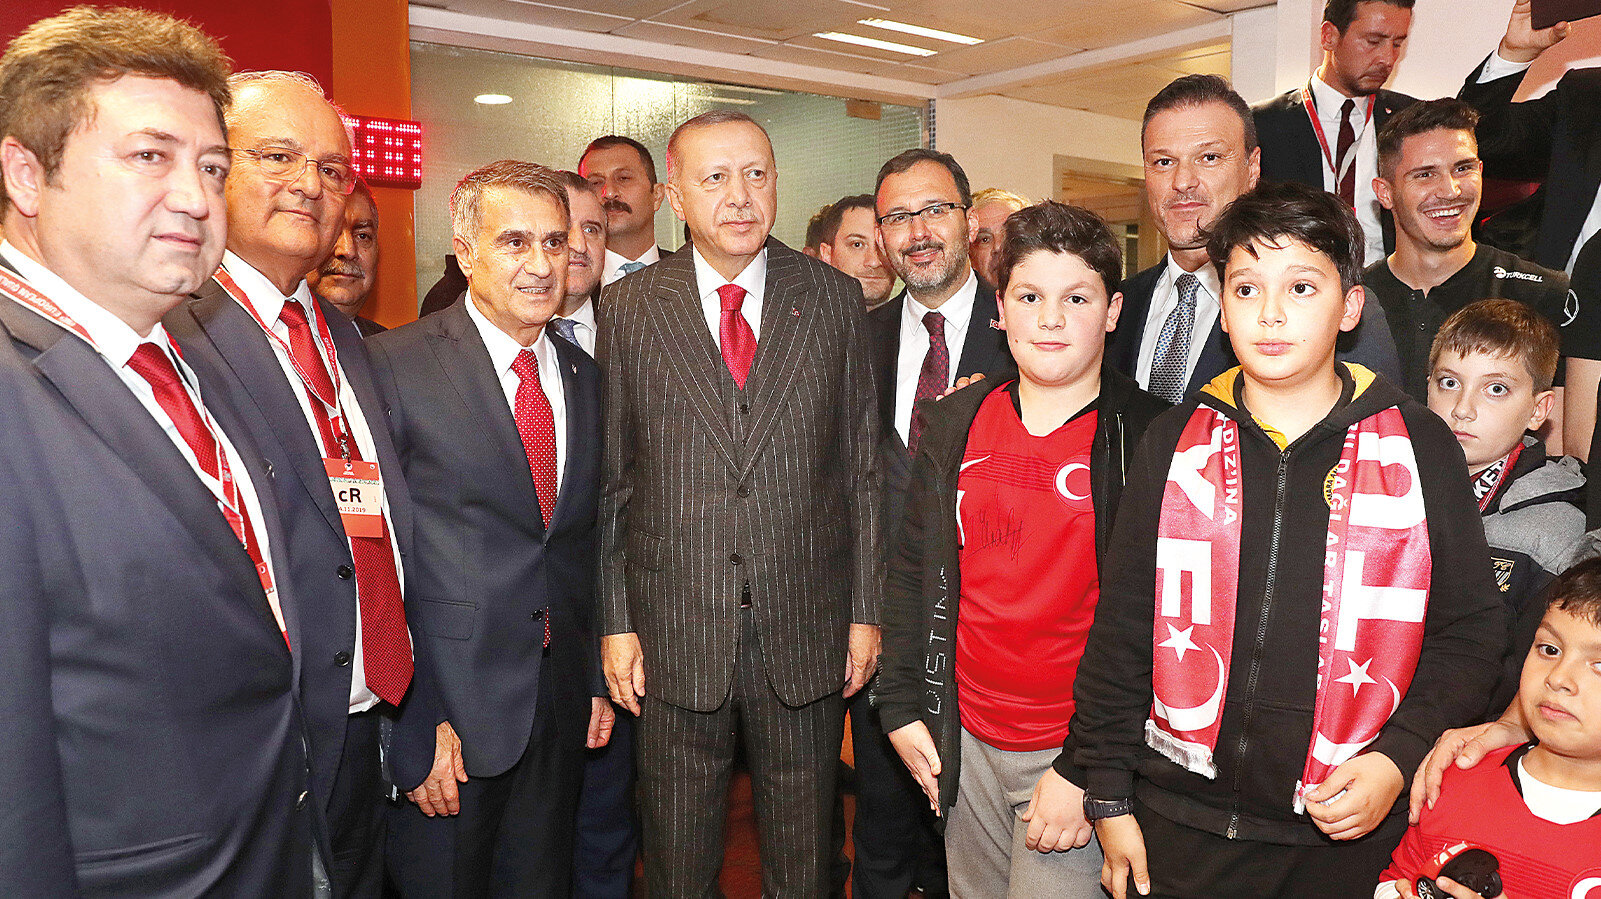 Cumhurbaşkanı Erdoğan soyunma odasında